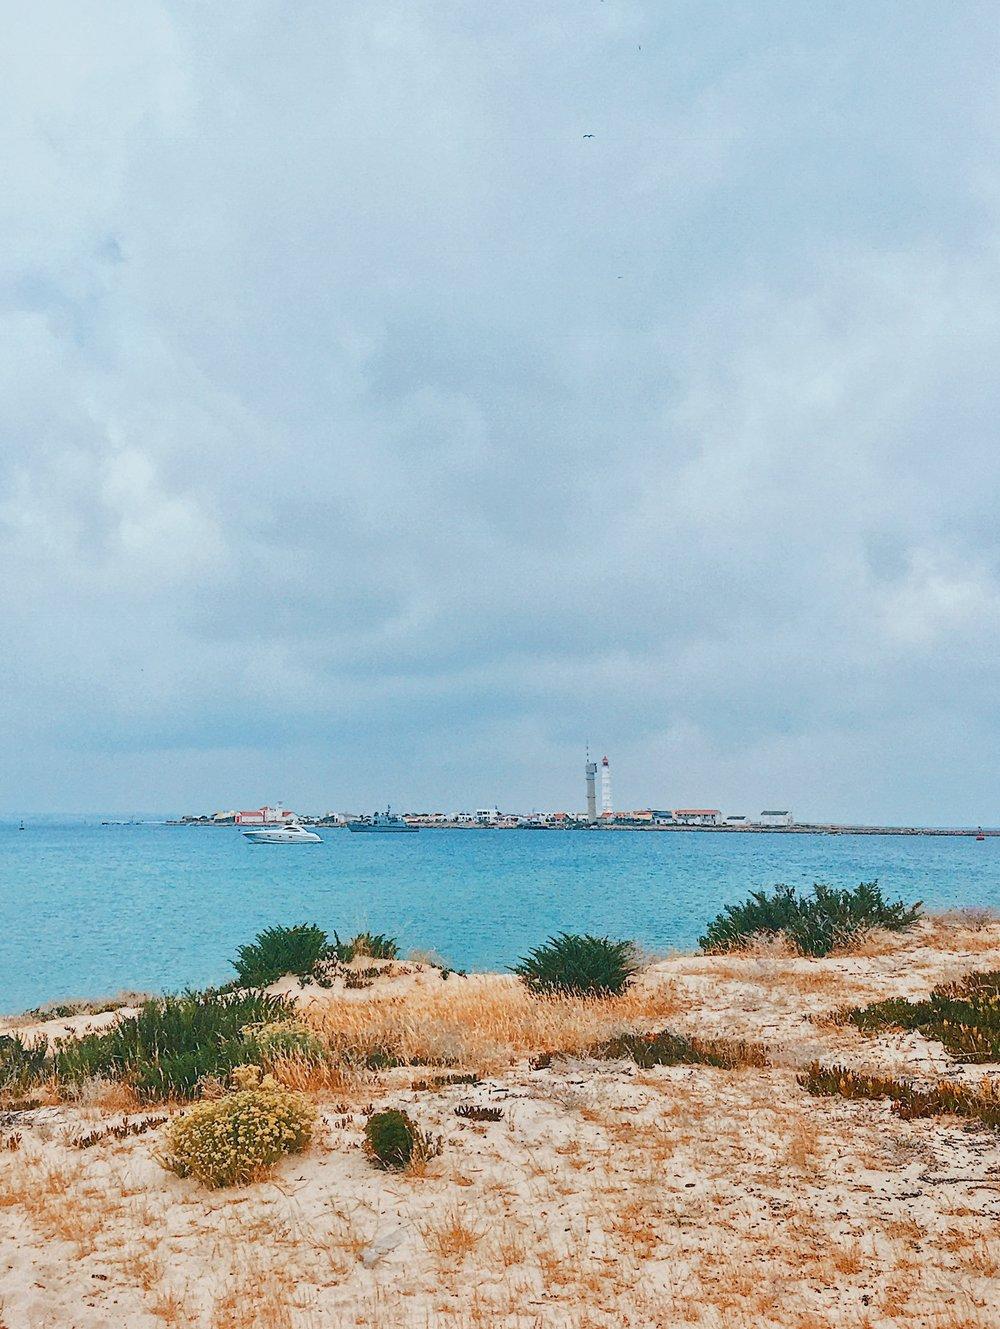 Ilha Deserta on an overcast day